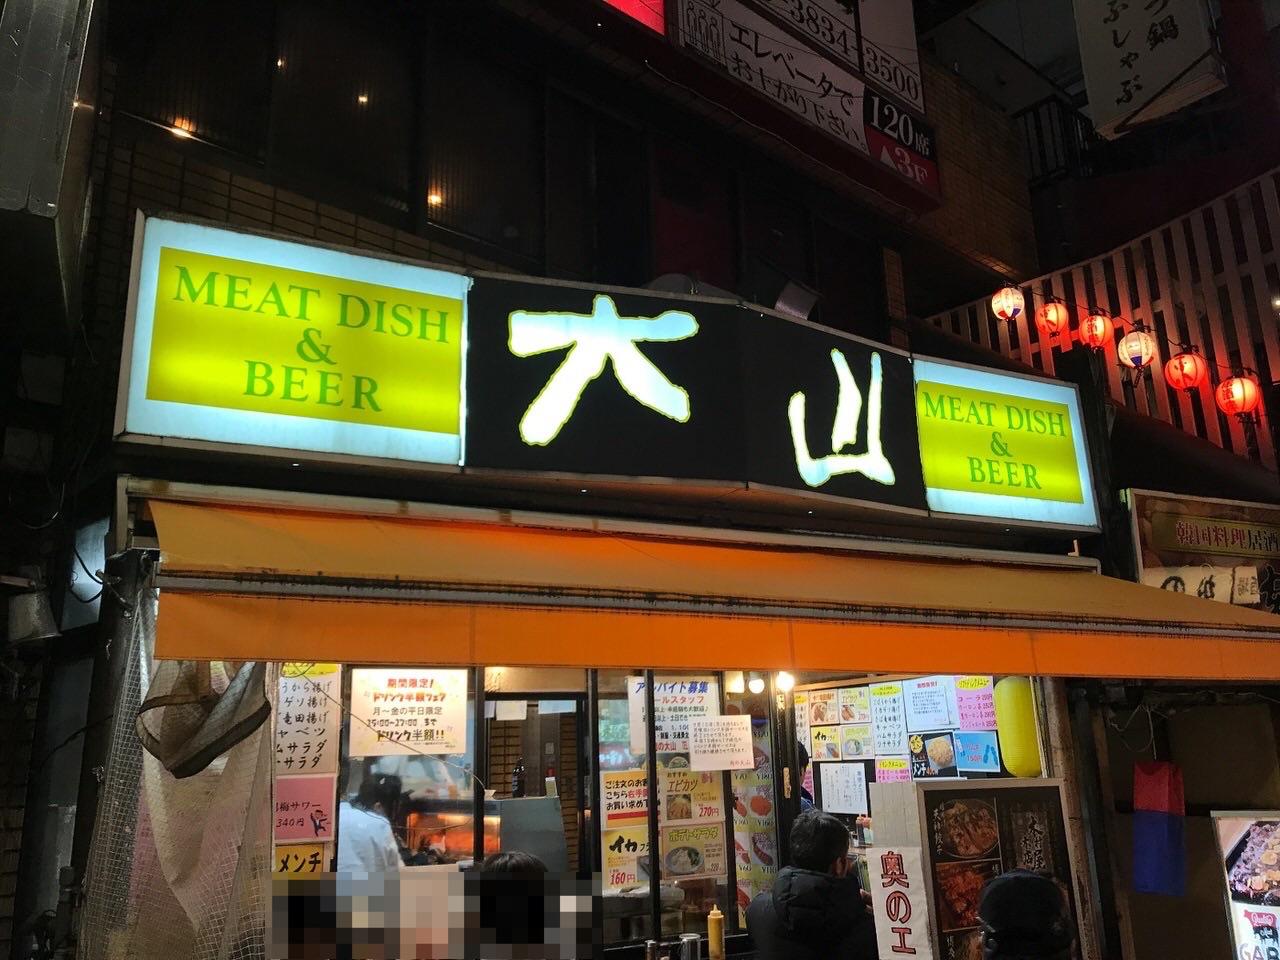 「肉の大山」130円の定番メンチにチャーシュー、モモタタキで角ハイボール大を流し込む!